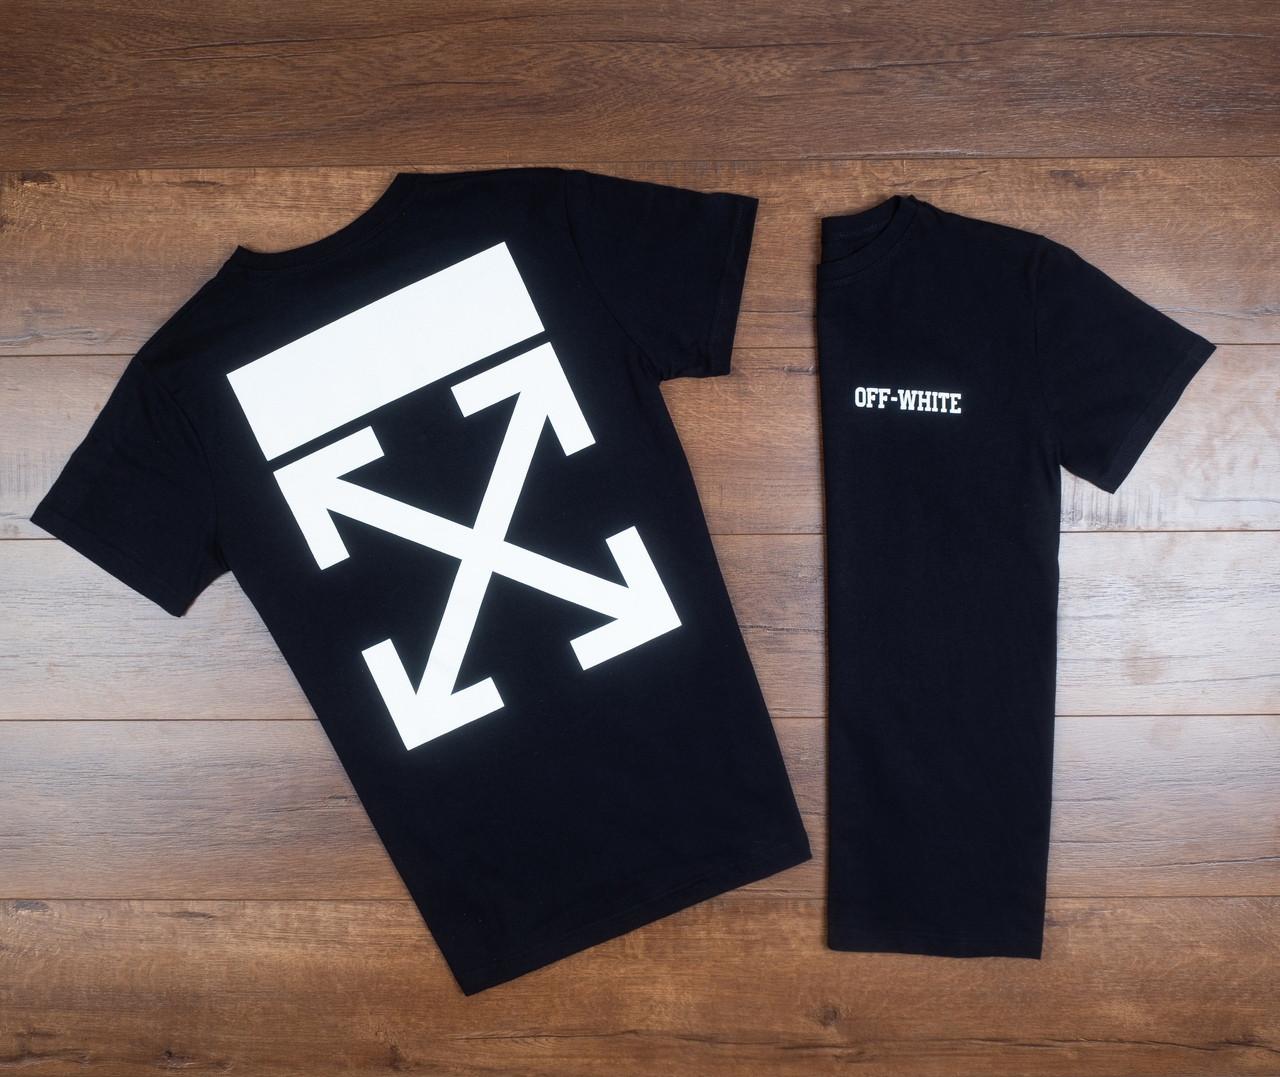 Мужская футболка Off-White летняя из хлопка стильная в черном цвете, ТОП-реплика